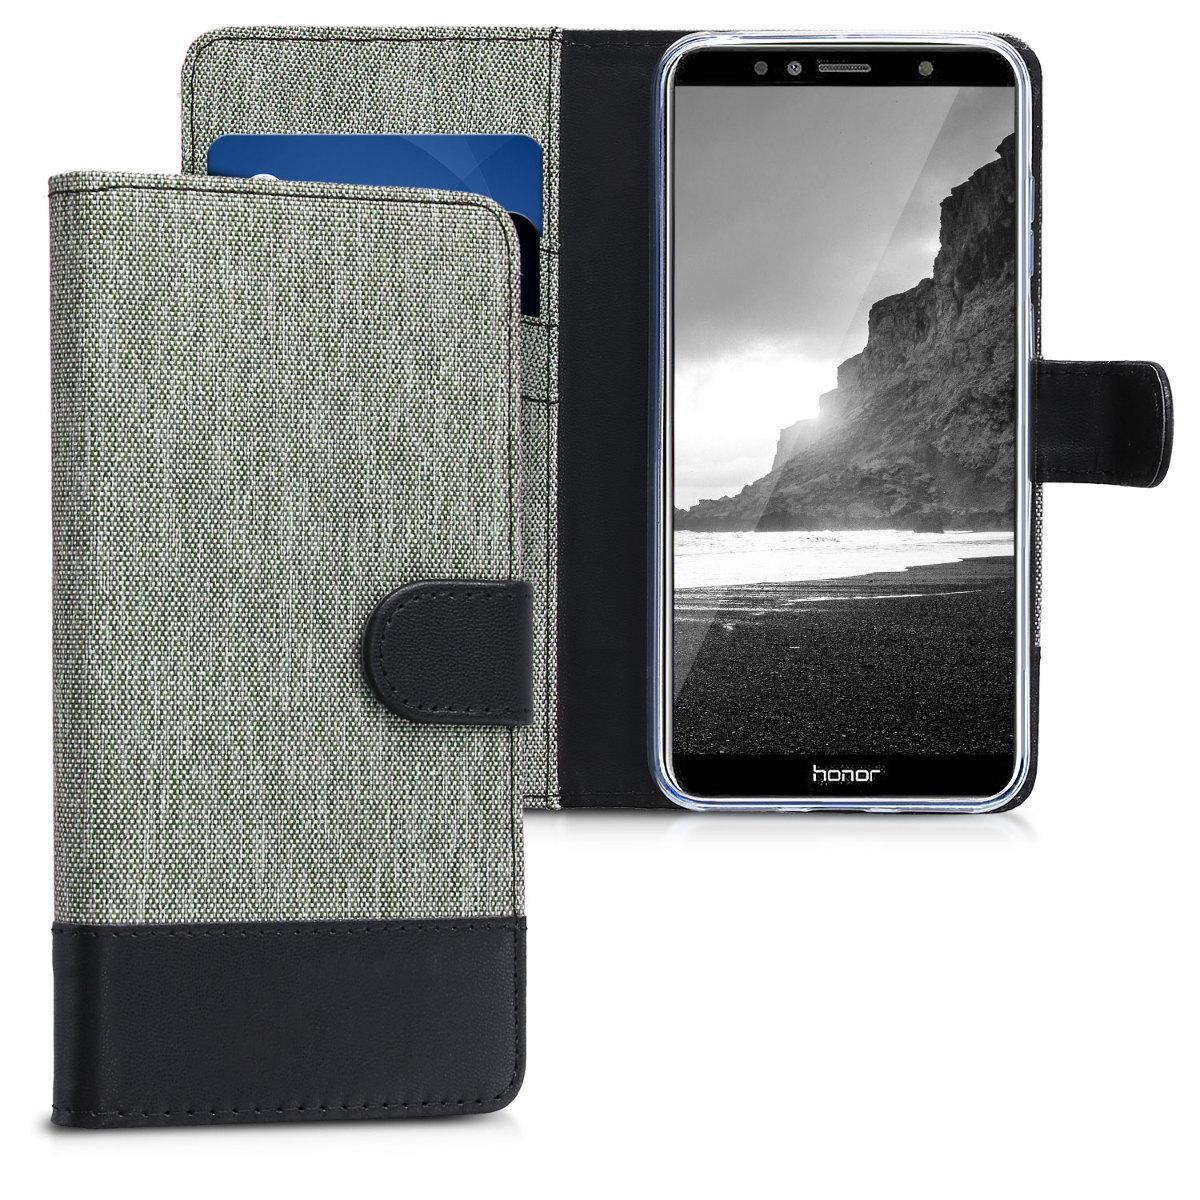 KW Θήκη-Πορτοφόλι Huawei Honor 7A - Γκρι/Μαύρο (44827.01)